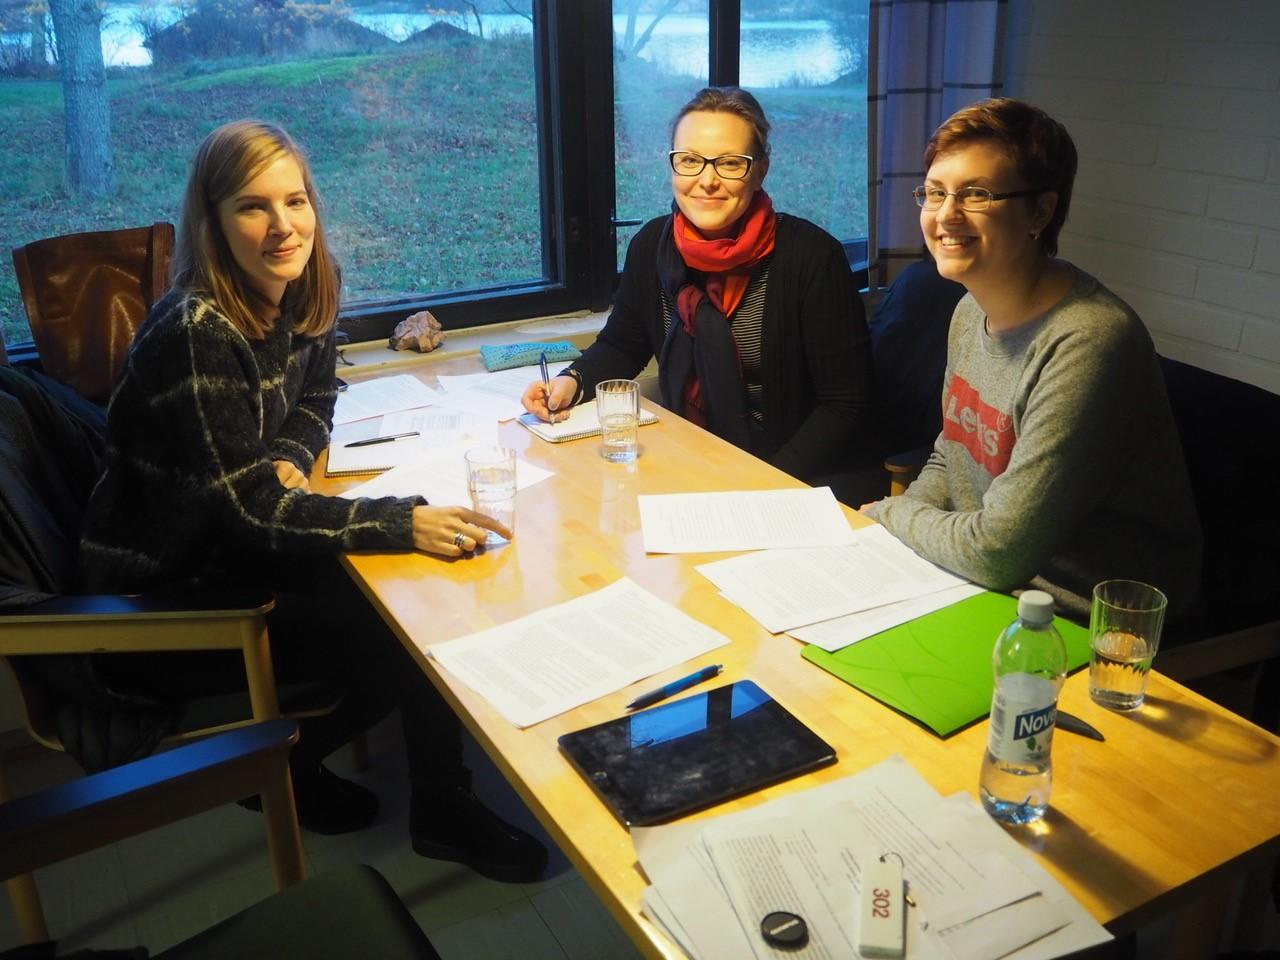 Naiset istuvat pöydän ääressä pitämässä työpajaa Tvärminnessä vuonna 2017.